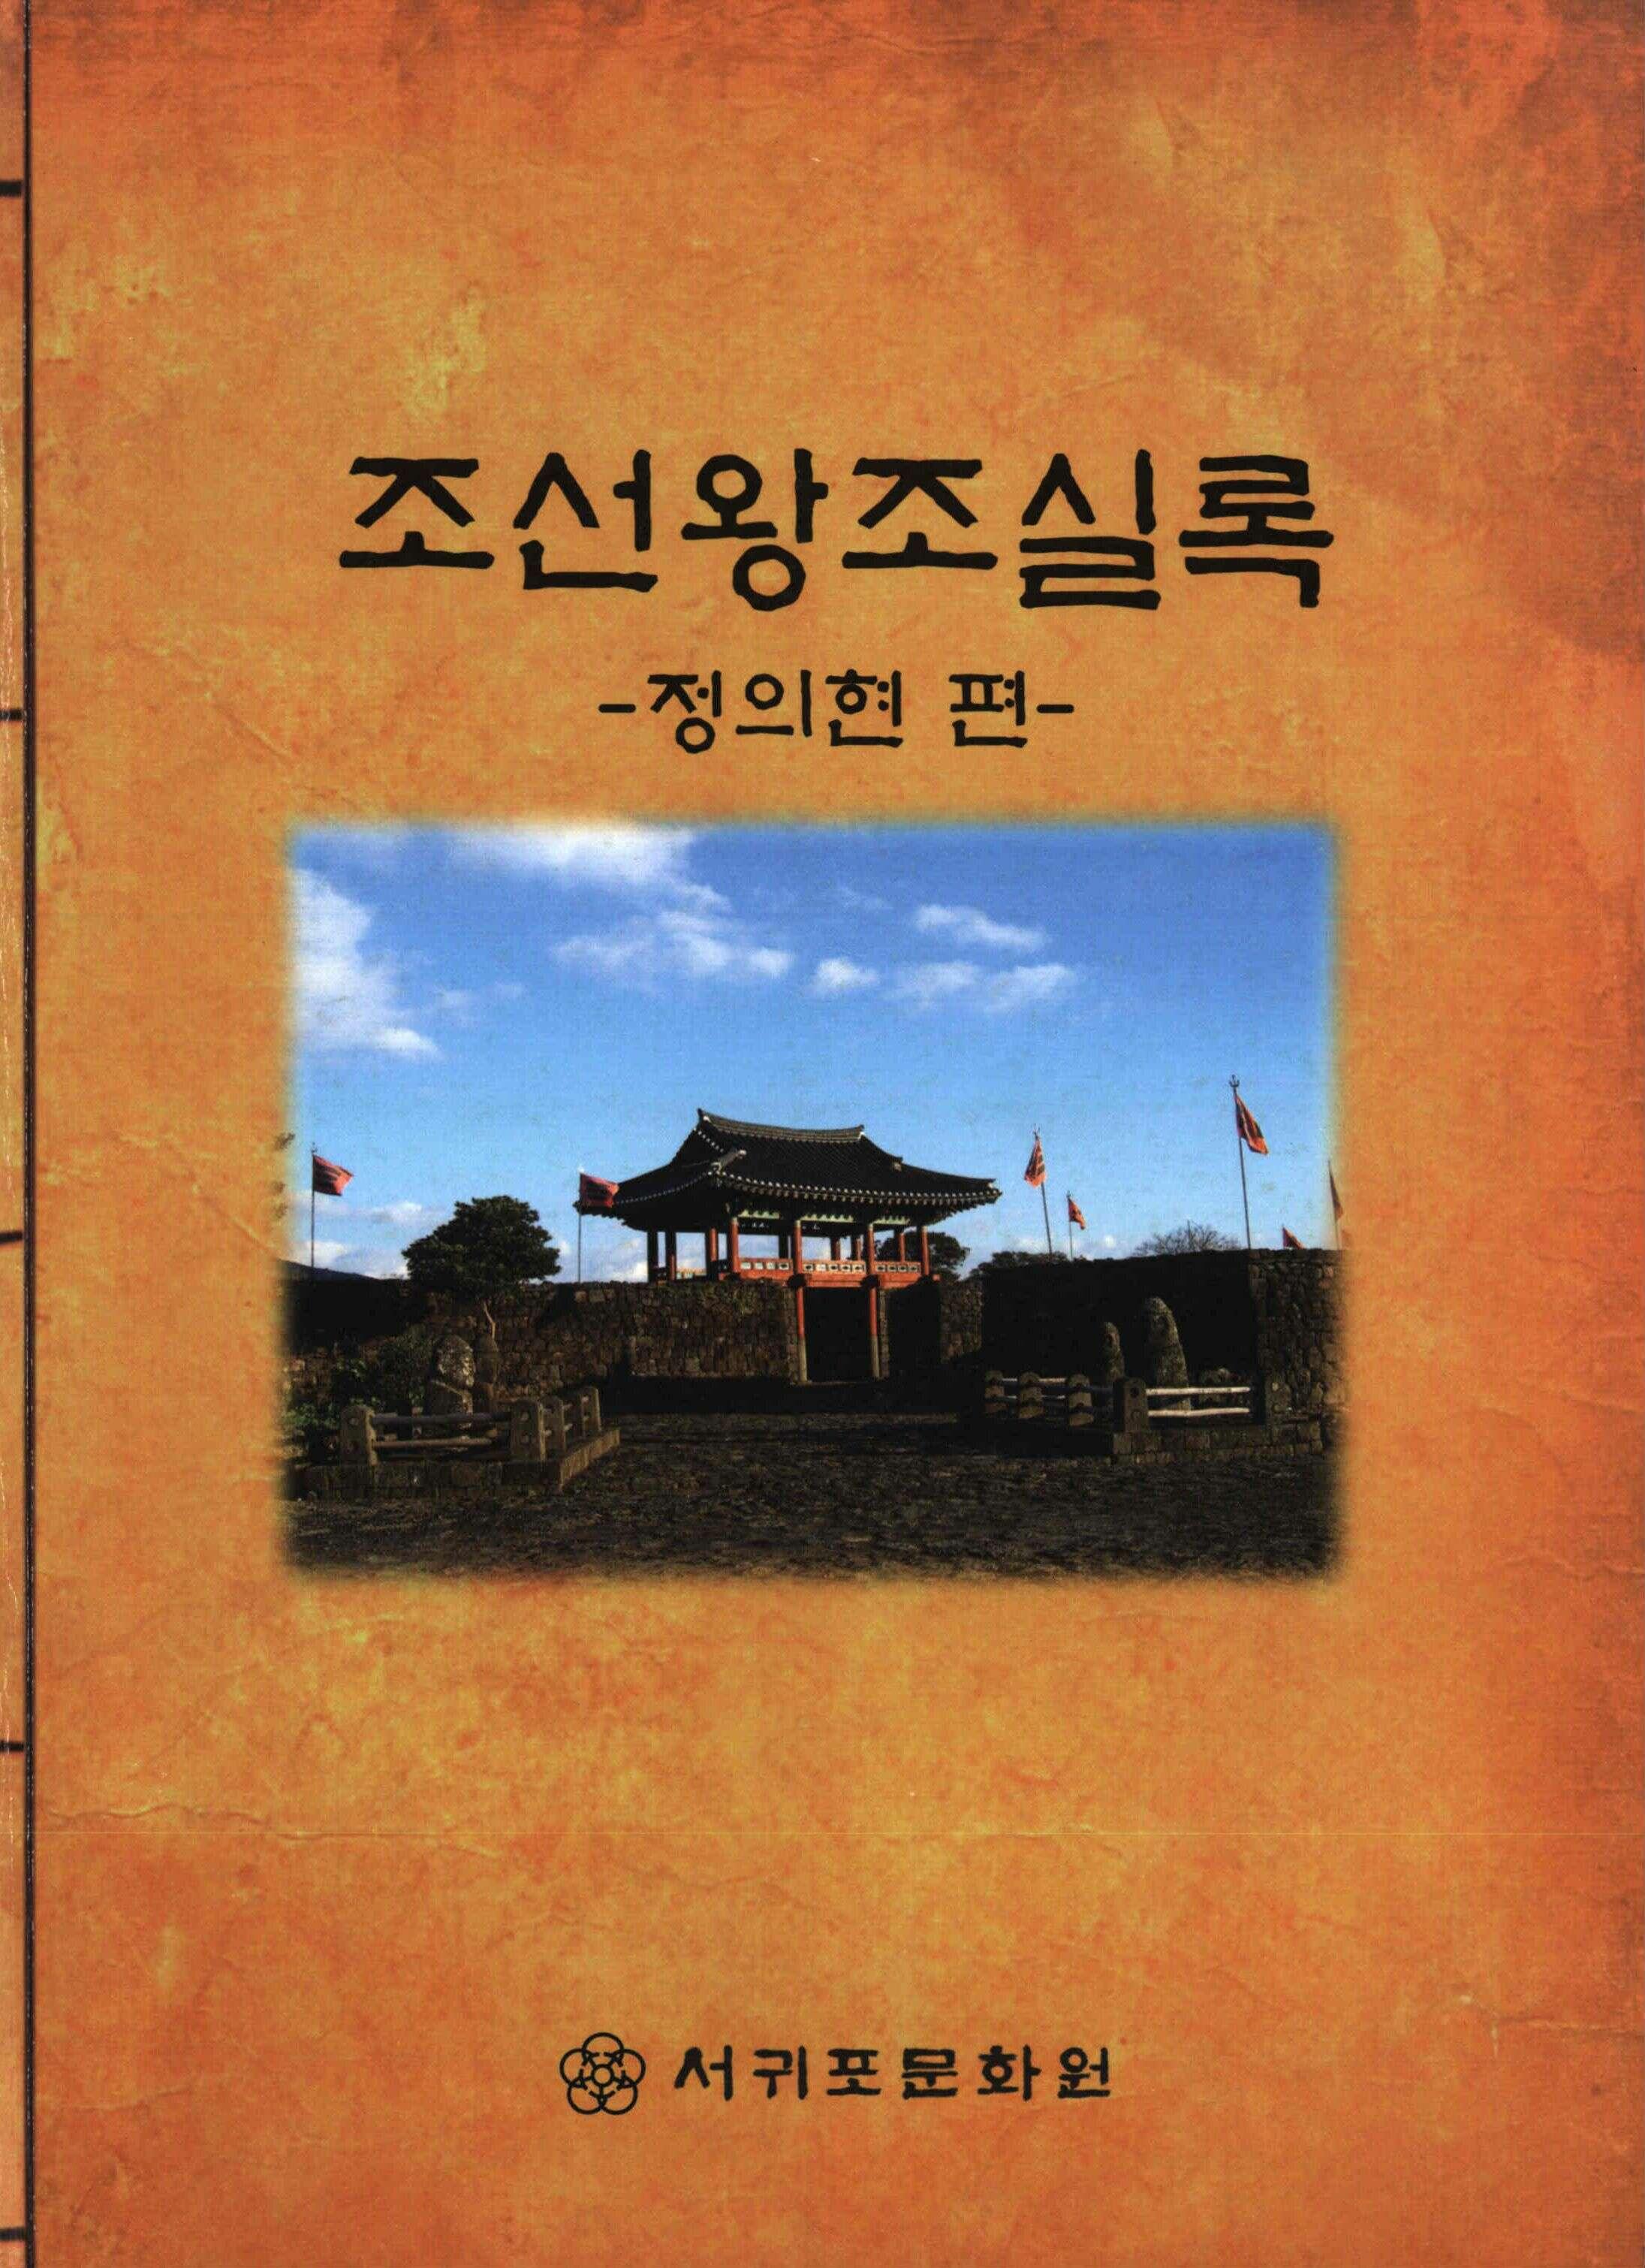 조선왕조실록 -정의현 편-